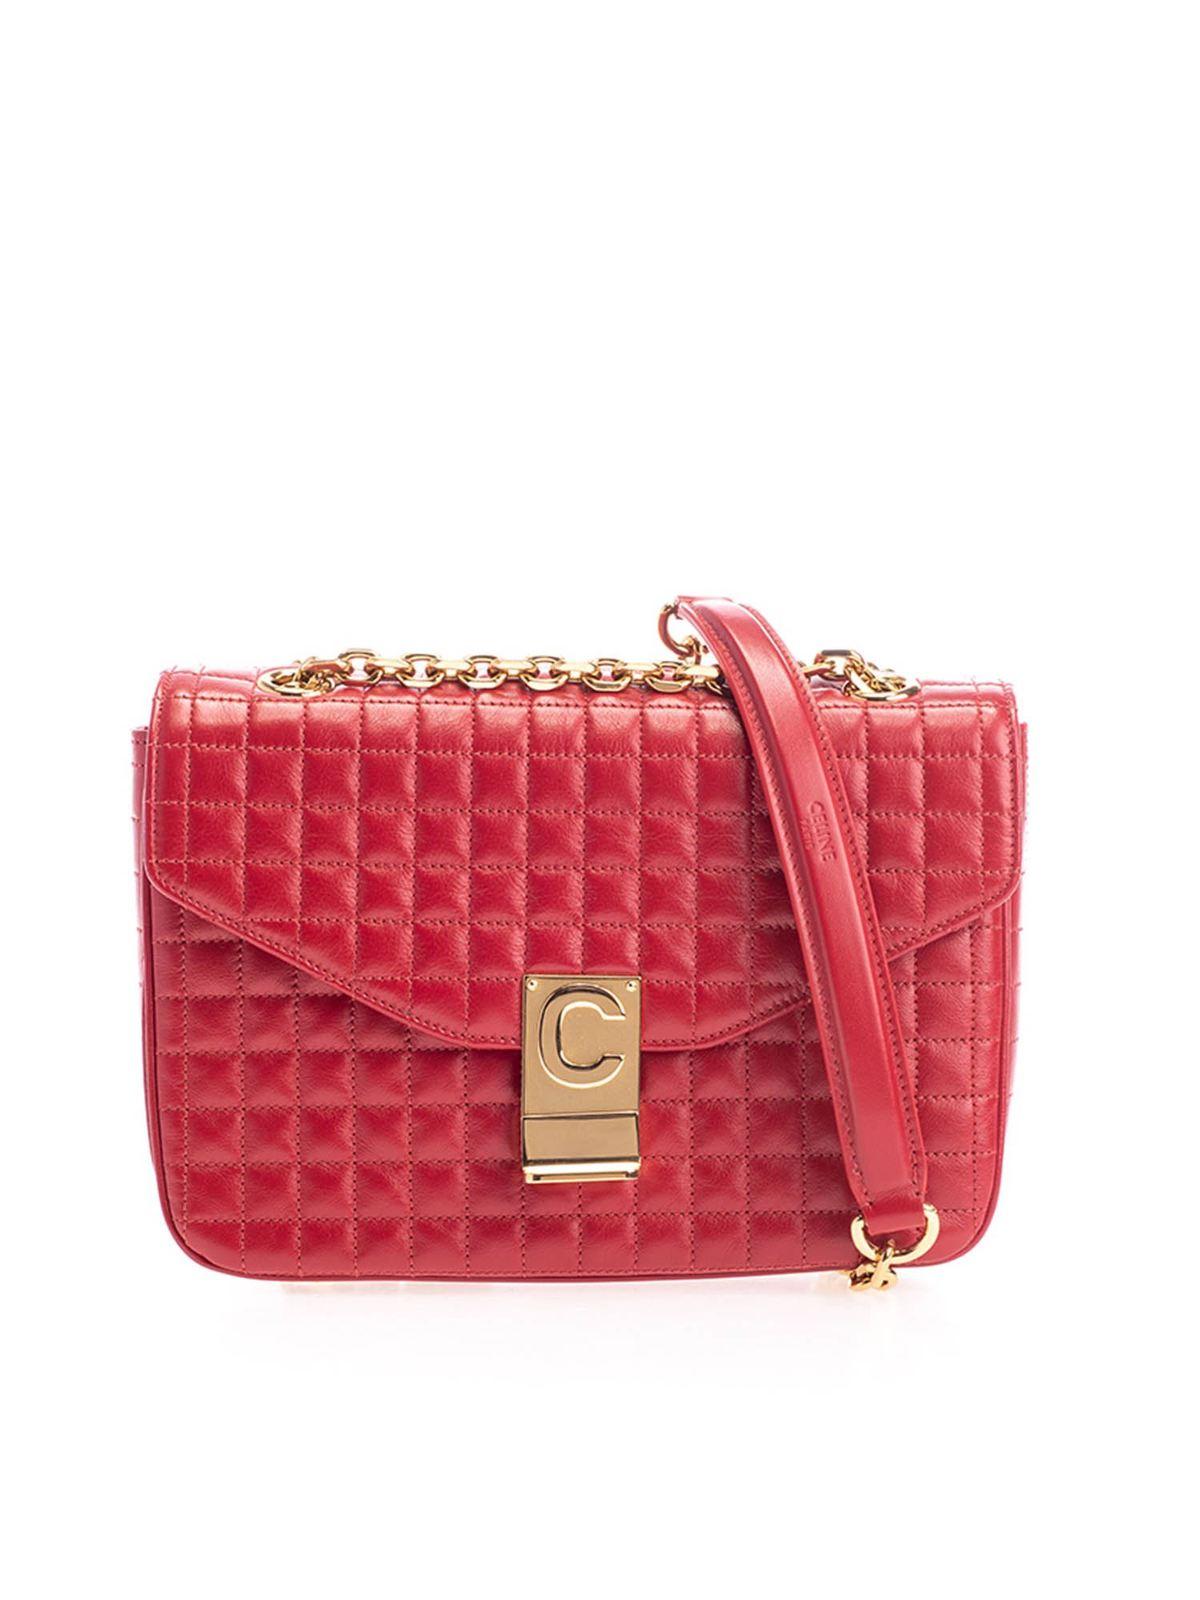 Celine MEDIUM C BAG IN RED